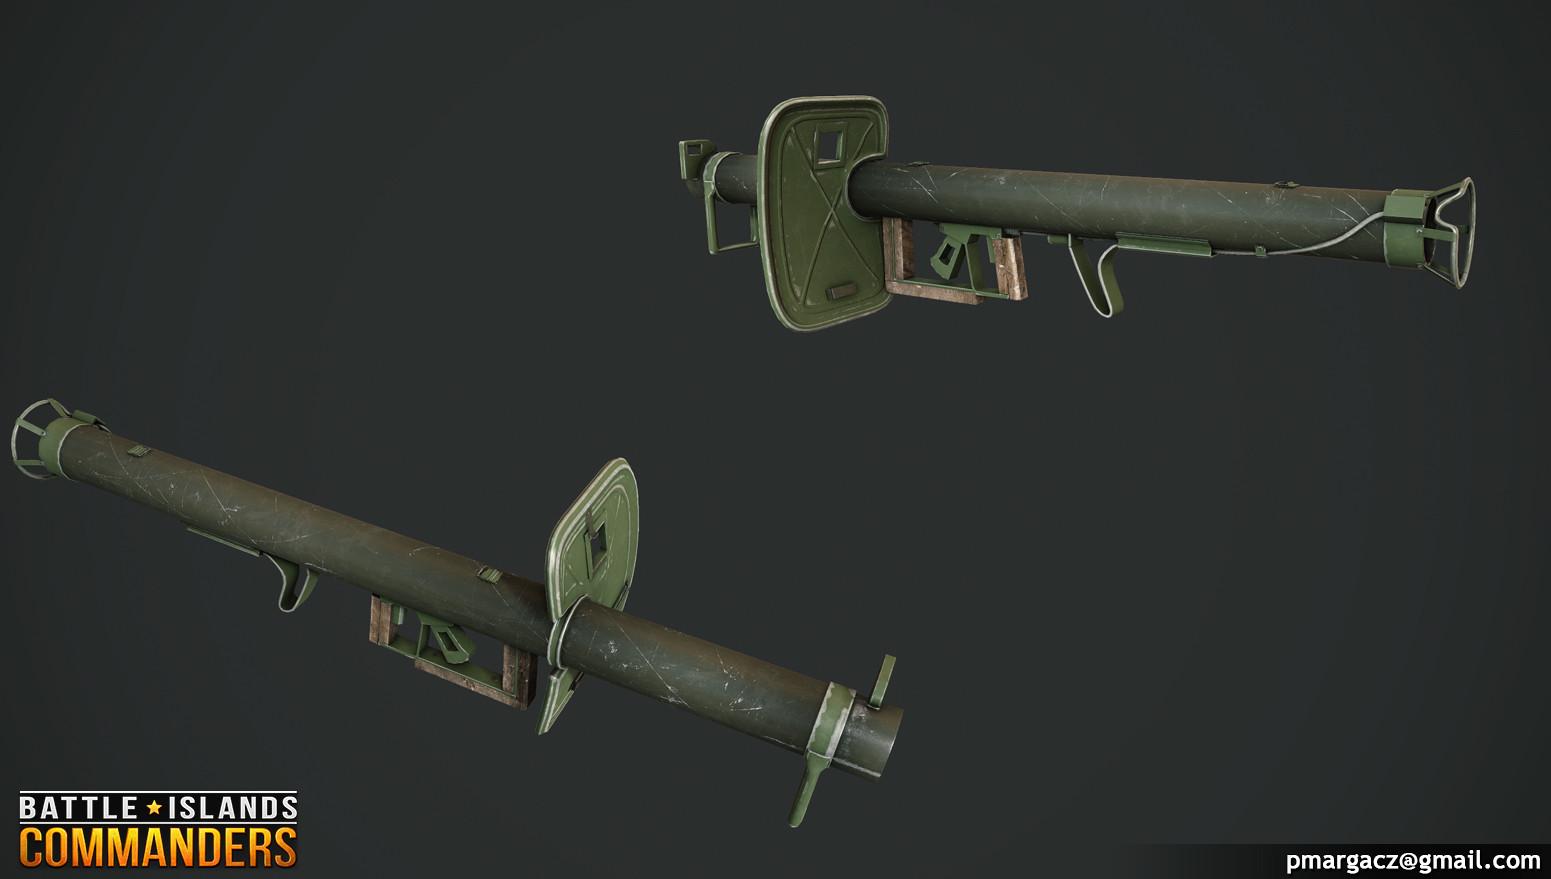 Pawel margacz pawel margacz bazooka